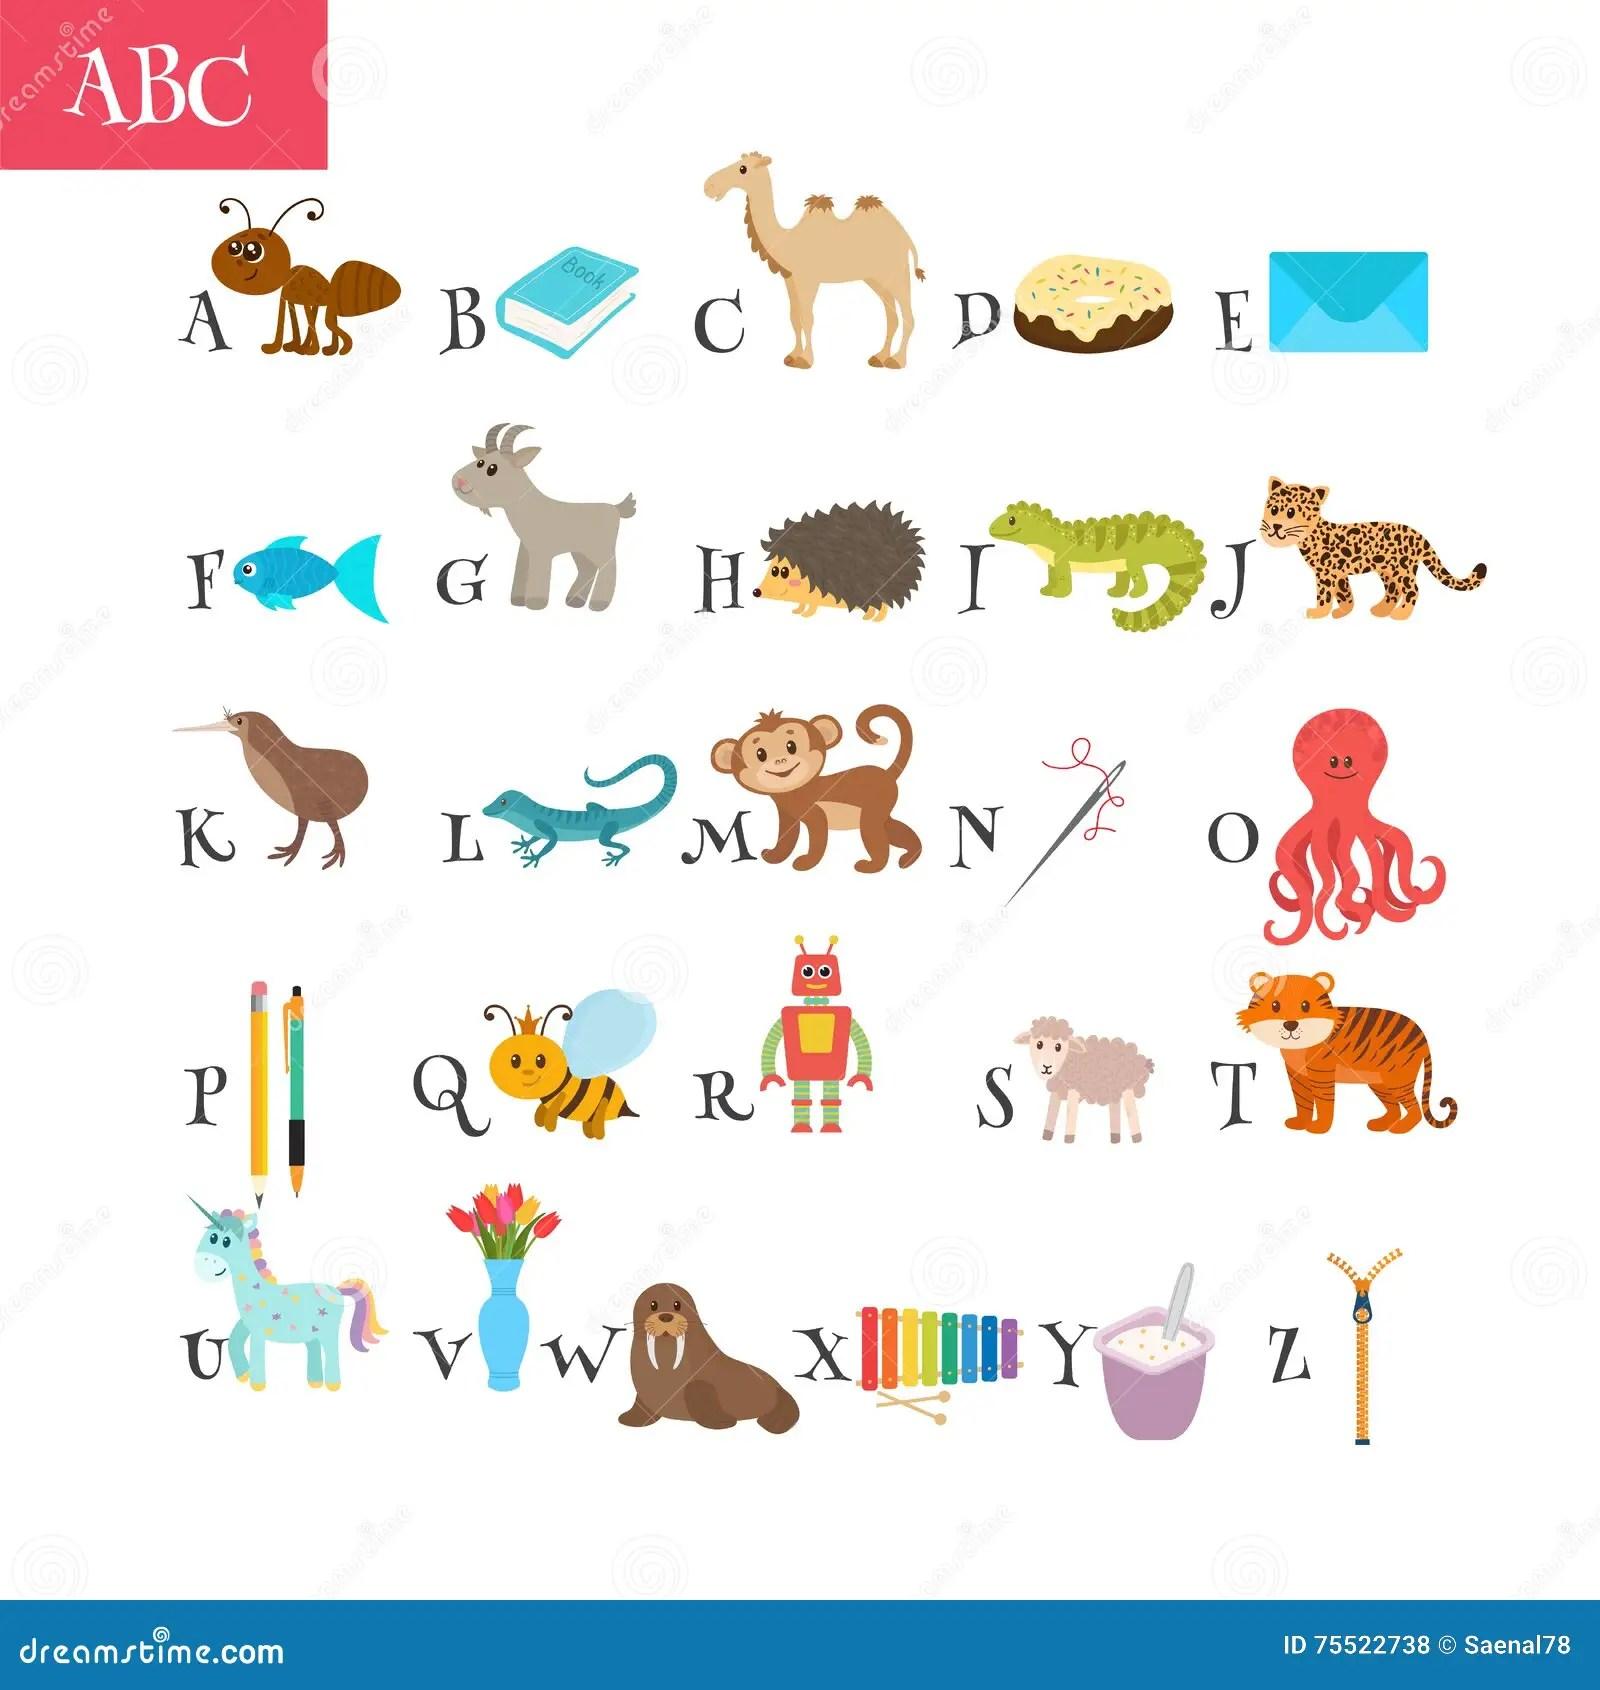 Abc Cartoon Vocabulary For Education Children Alphabet